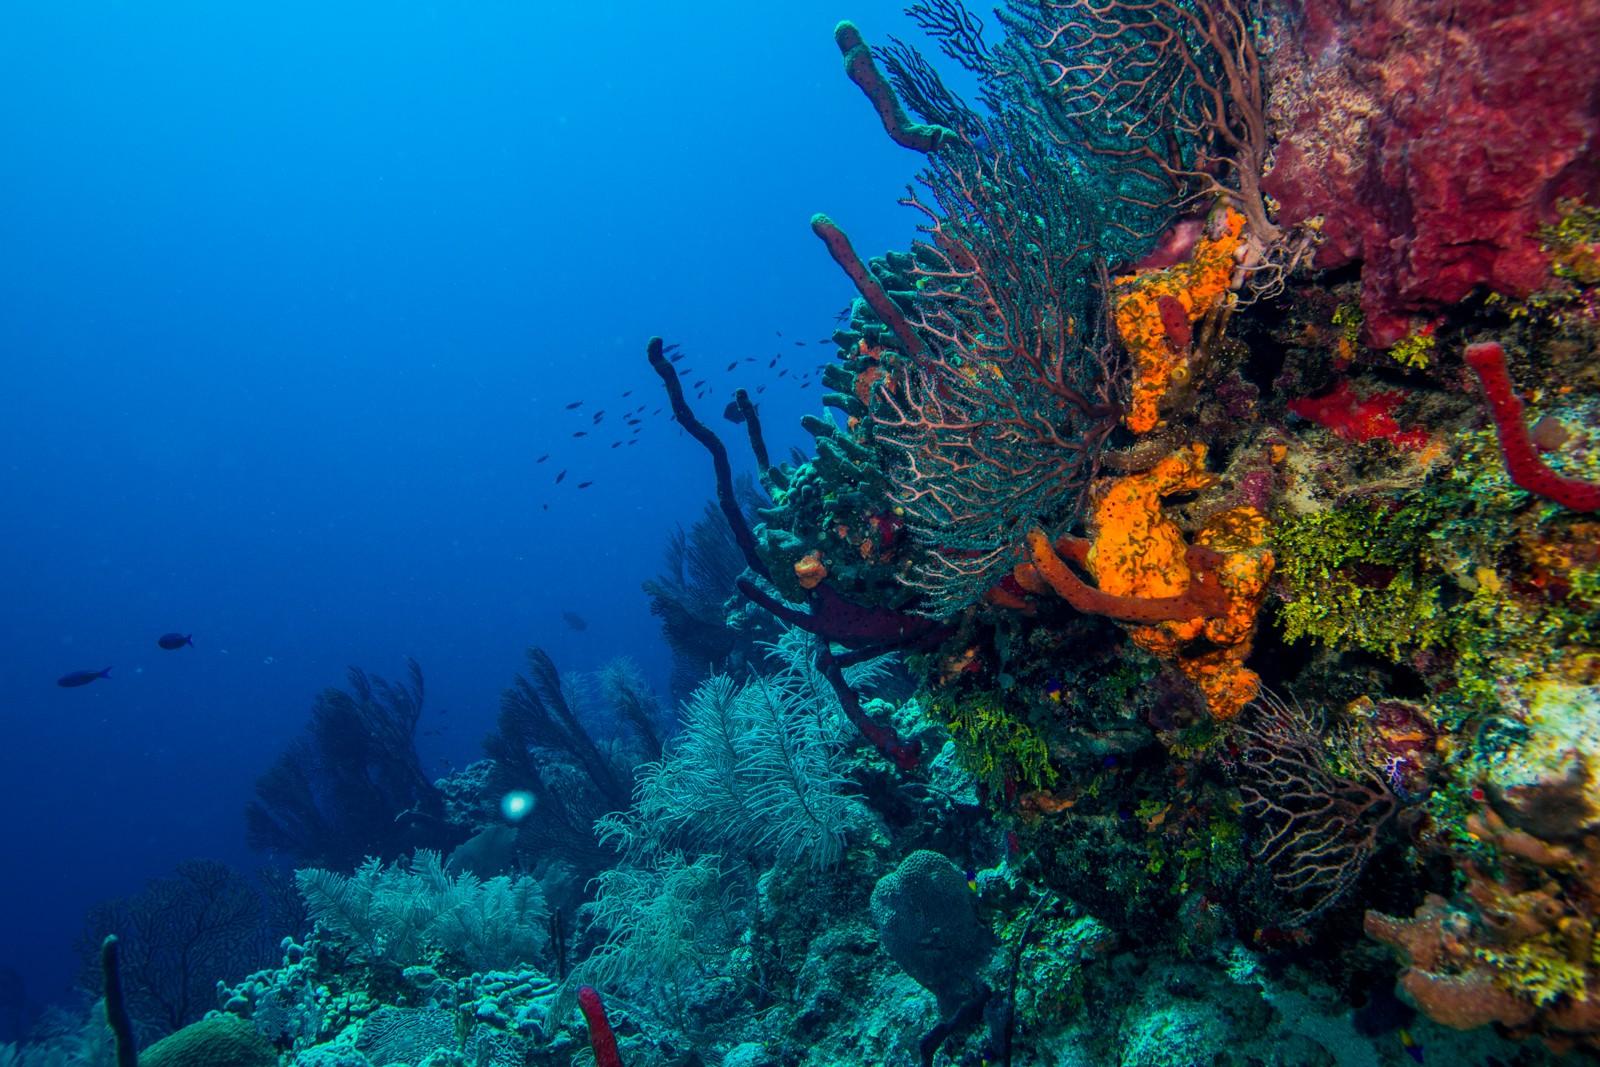 Белизский барьерный риф в Гондурасе